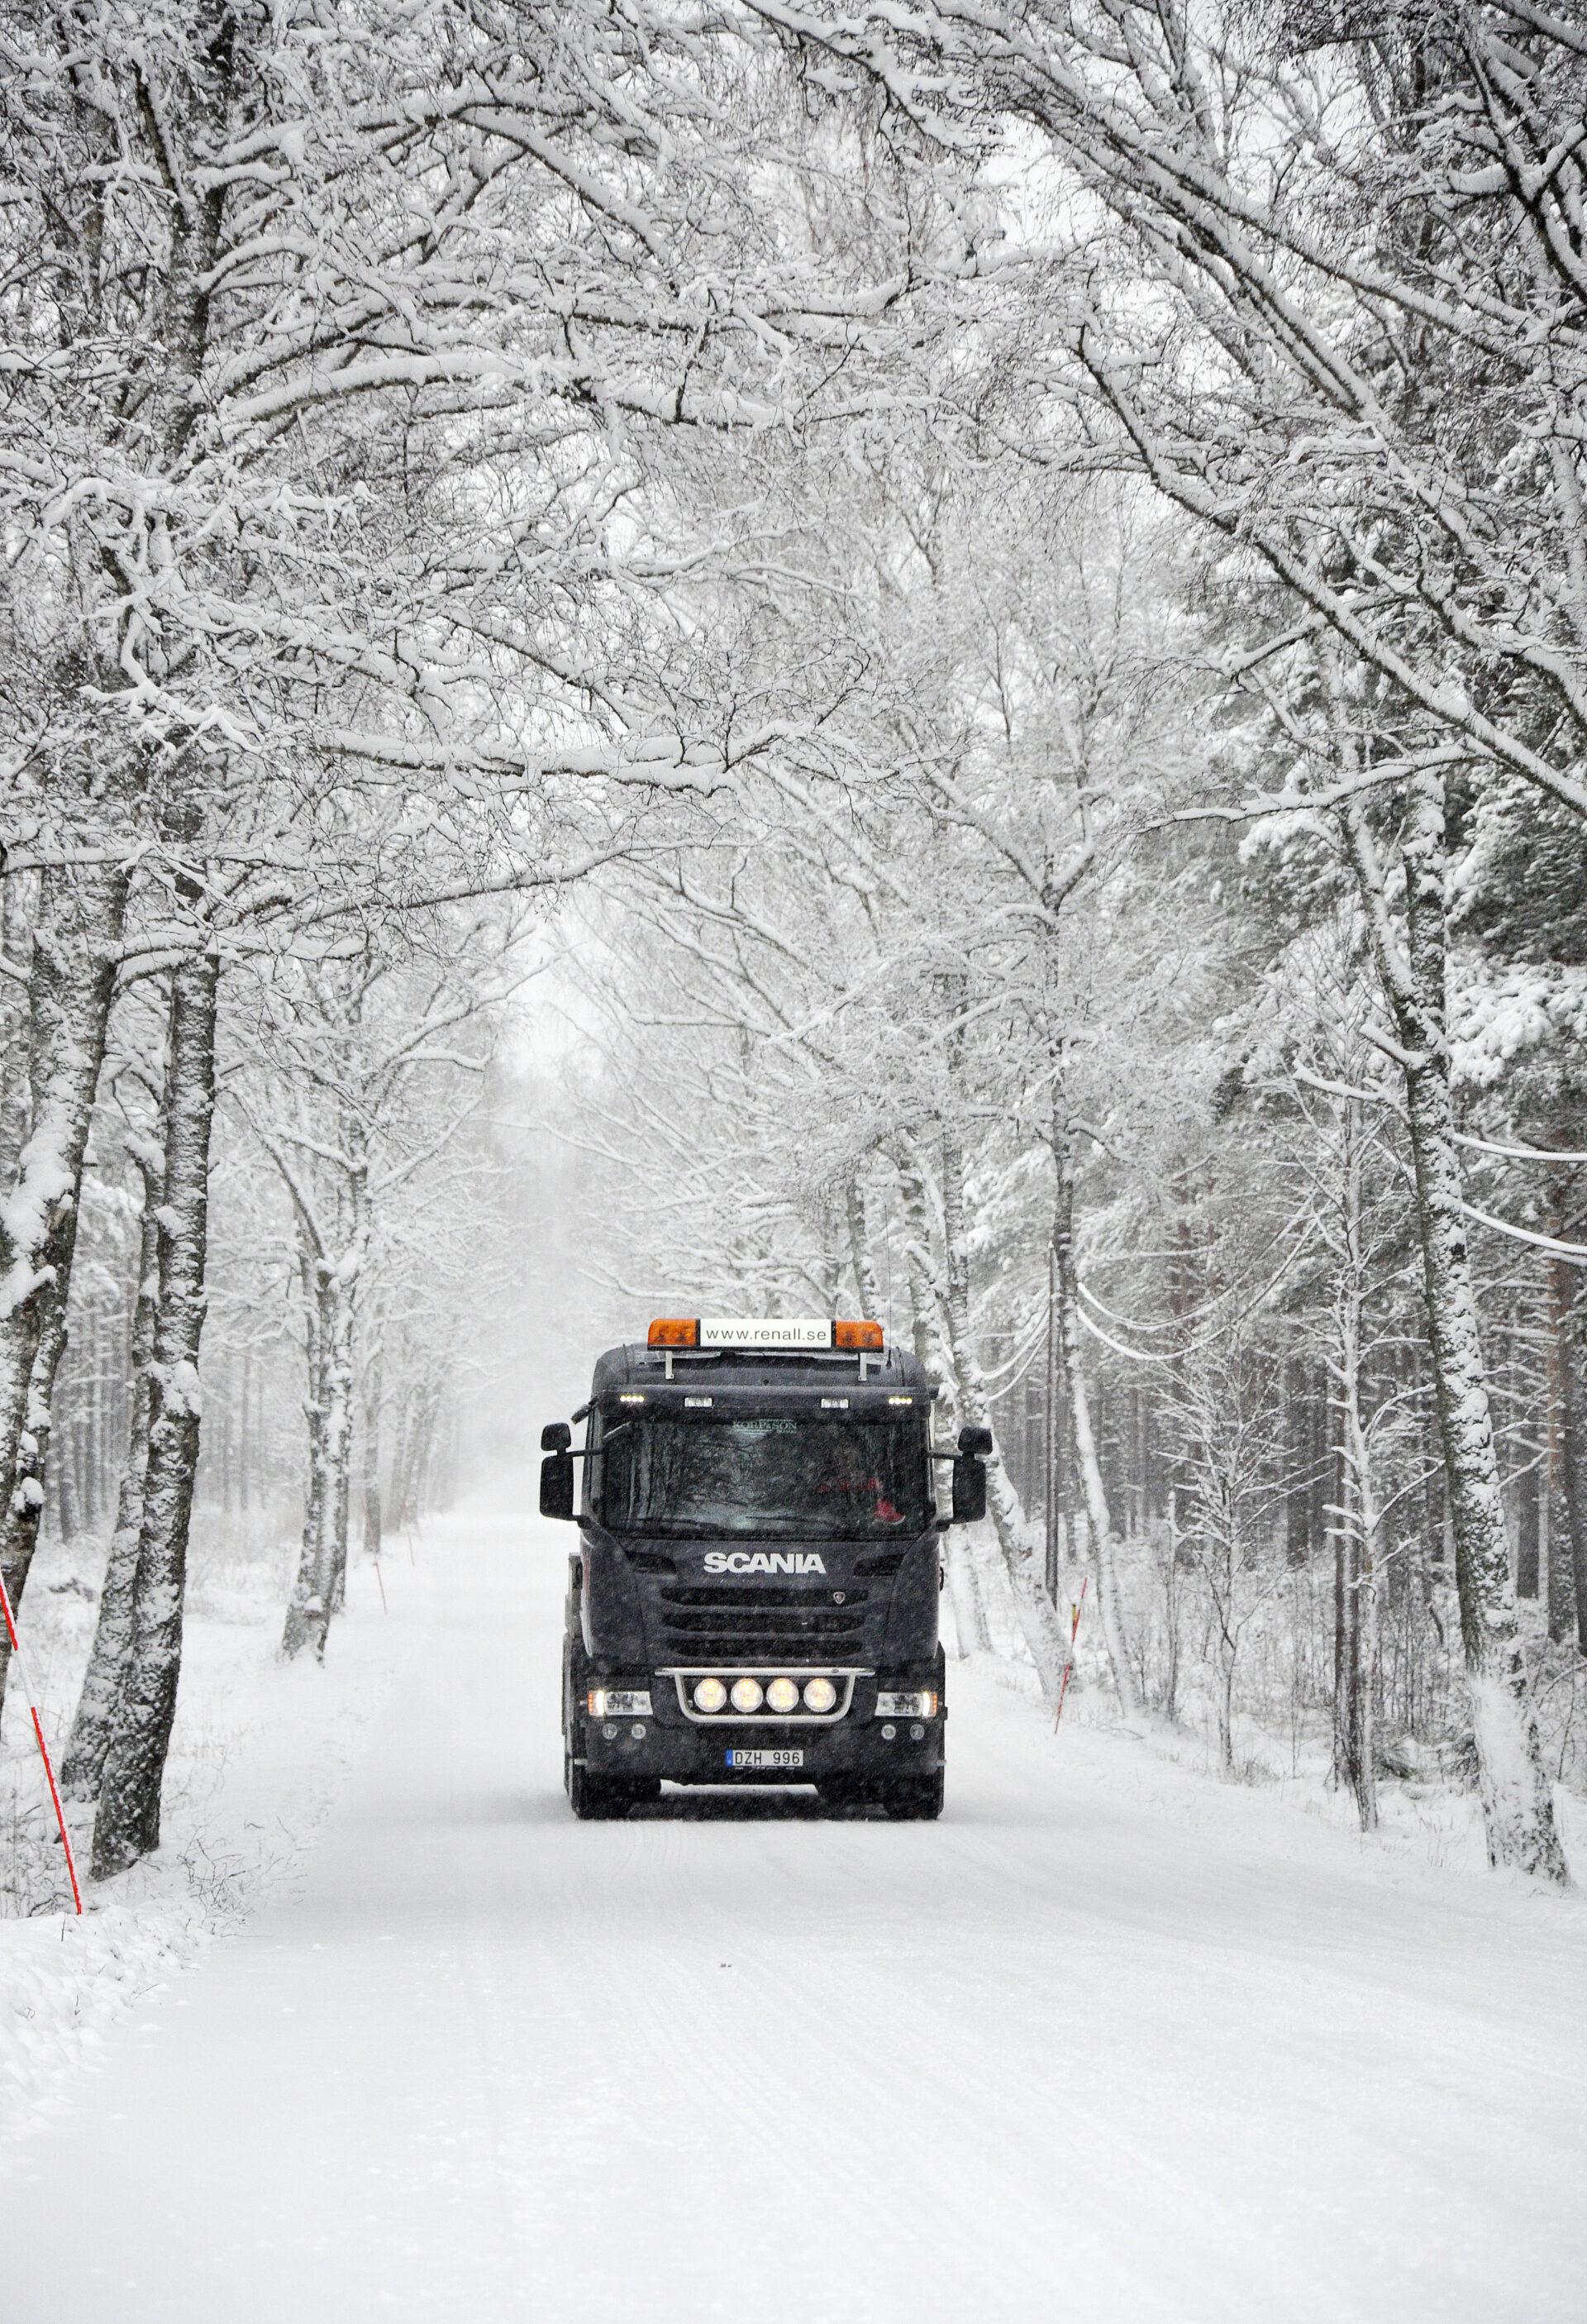 Renall-bil framifrån i vackert vinterladnskap